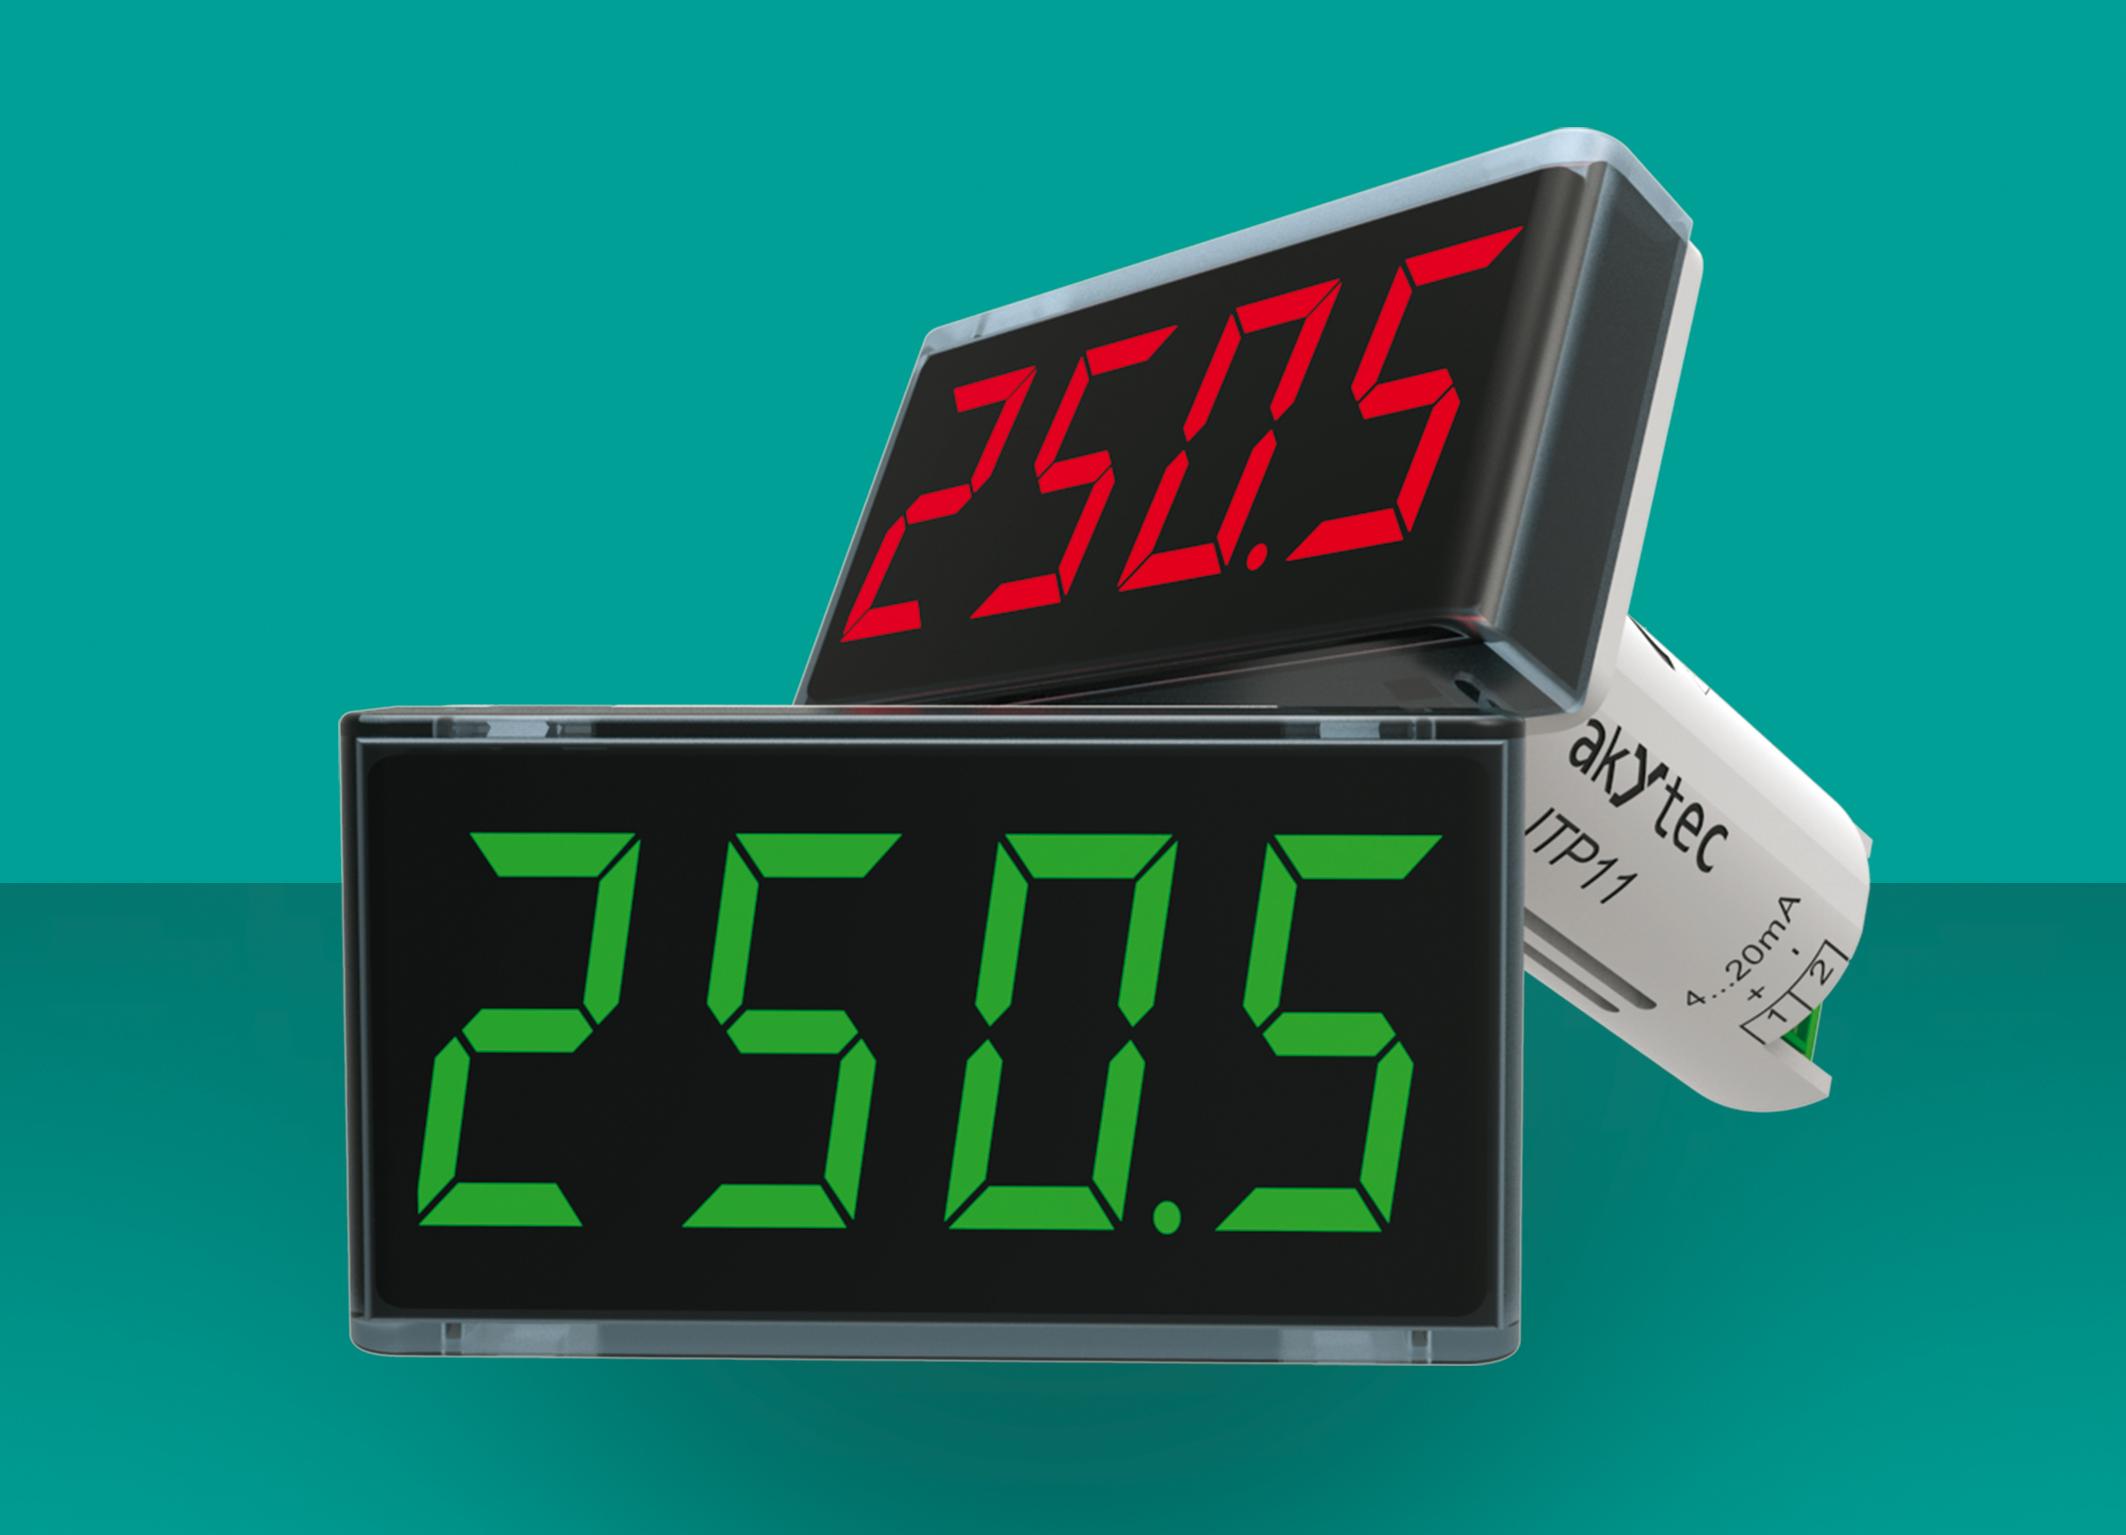 Dostępny w czerwonym i zielonym kolorze diody LED wyświetlacz procesu akYtec może teraz migać, gdy ustawiony limit zostanie przekroczony lub przekroczony